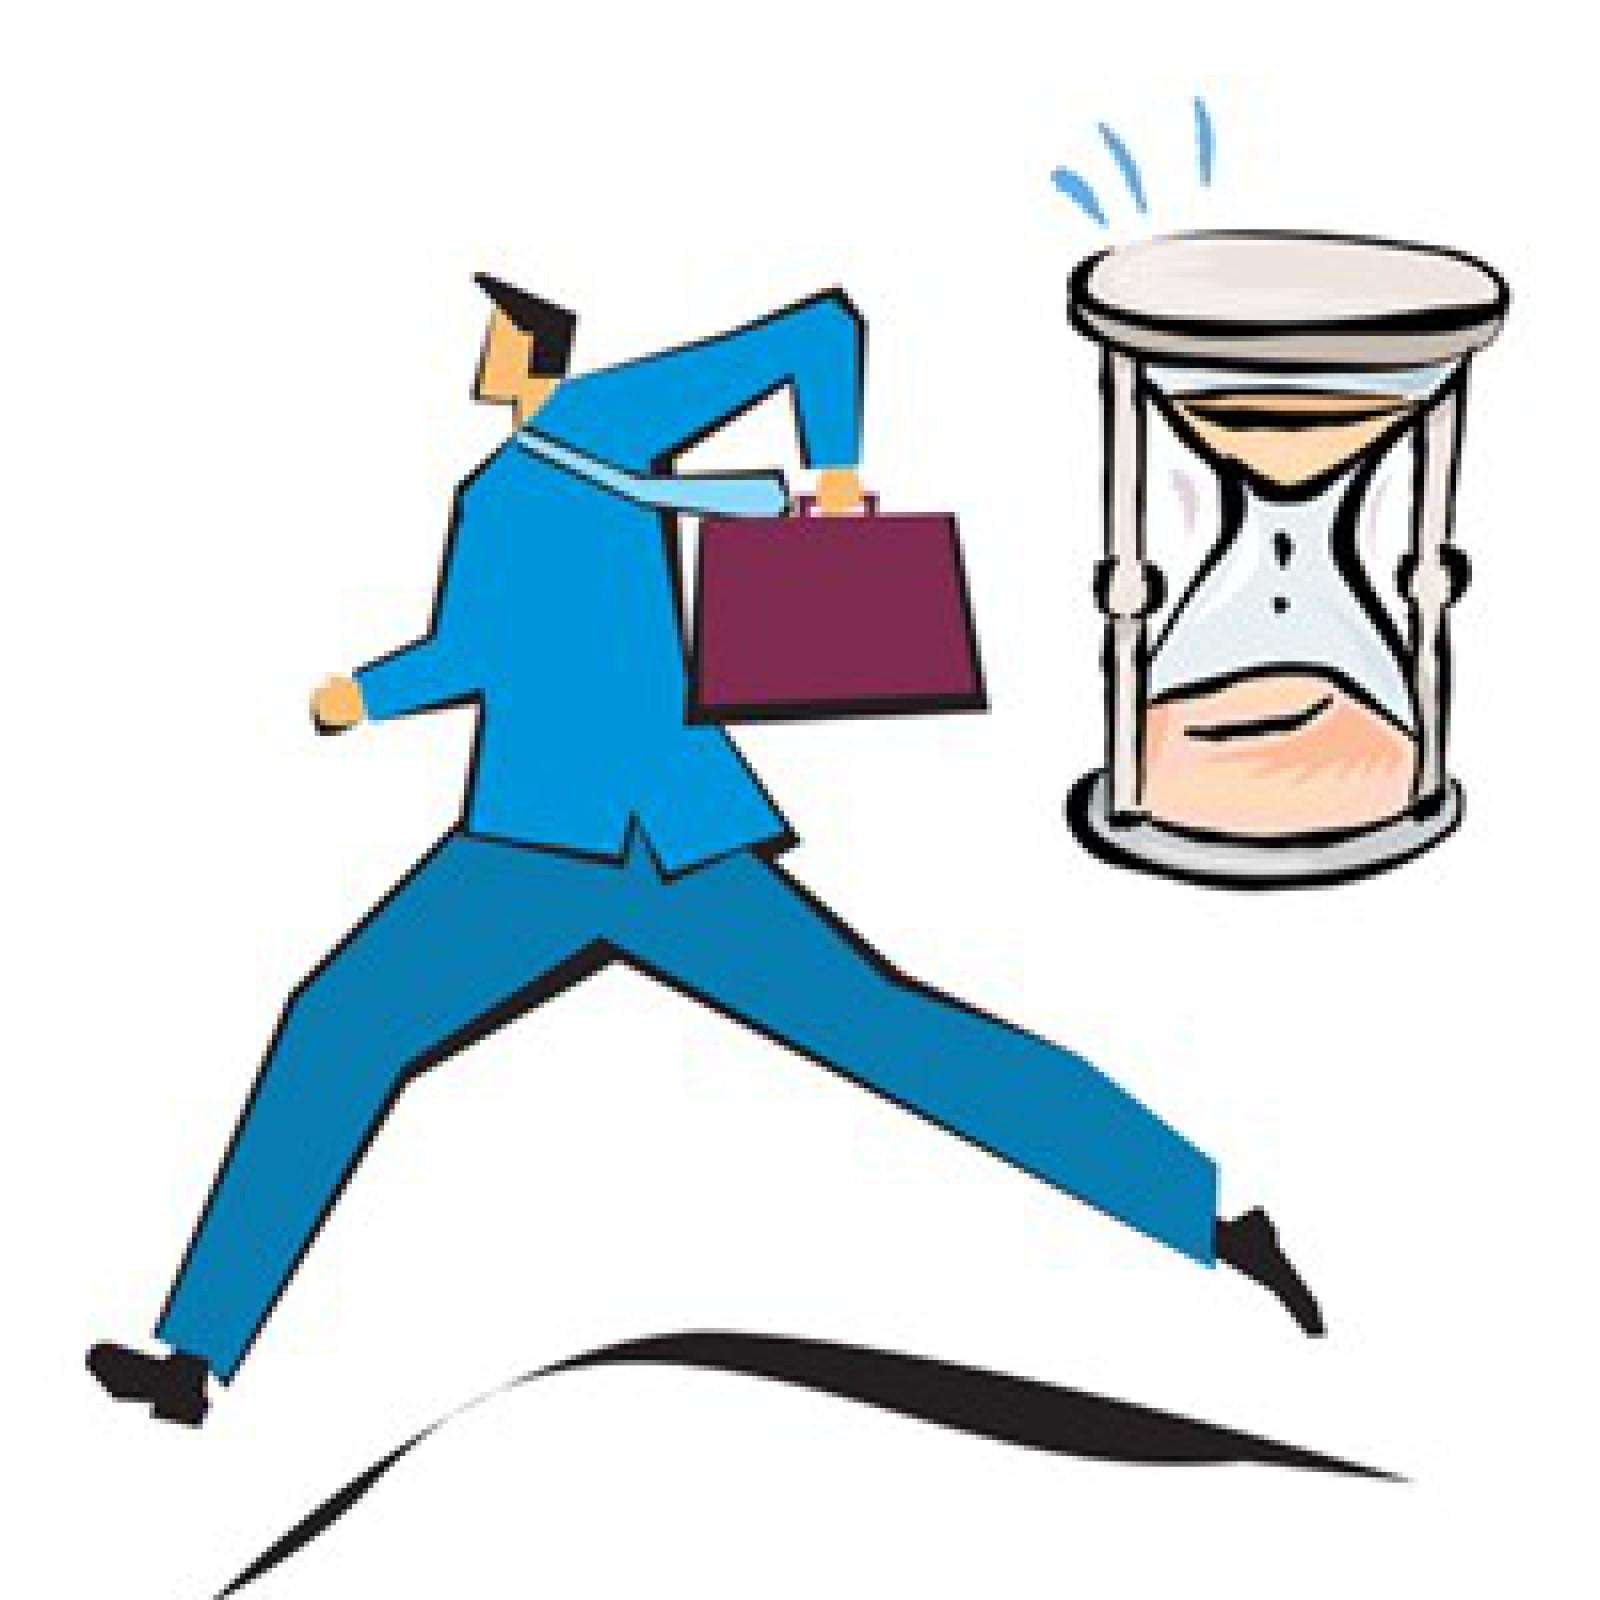 Responsabilità dell'avvocato: non basta lamentare la proposizione tardiva dell'impugnazione